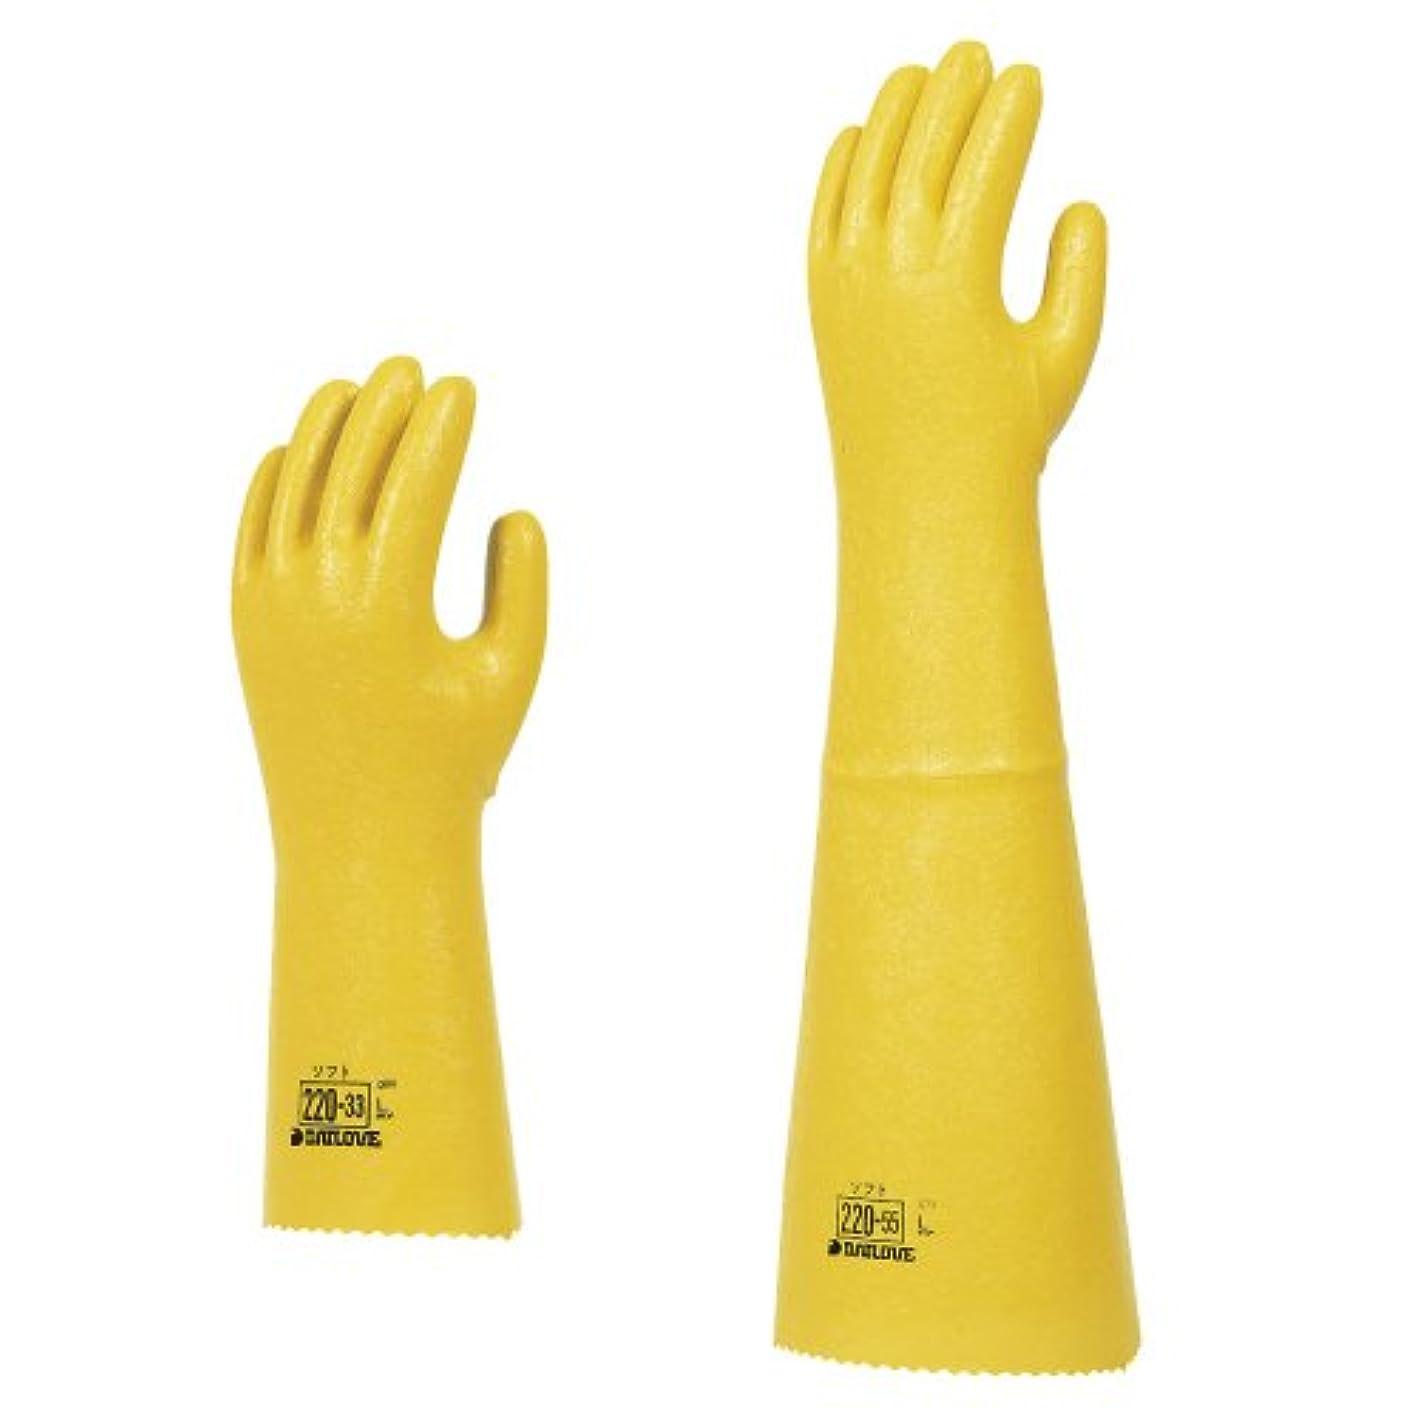 ダイローブ手袋 220-33 04-188-01(L)????????????220-33L(23-2948-02)